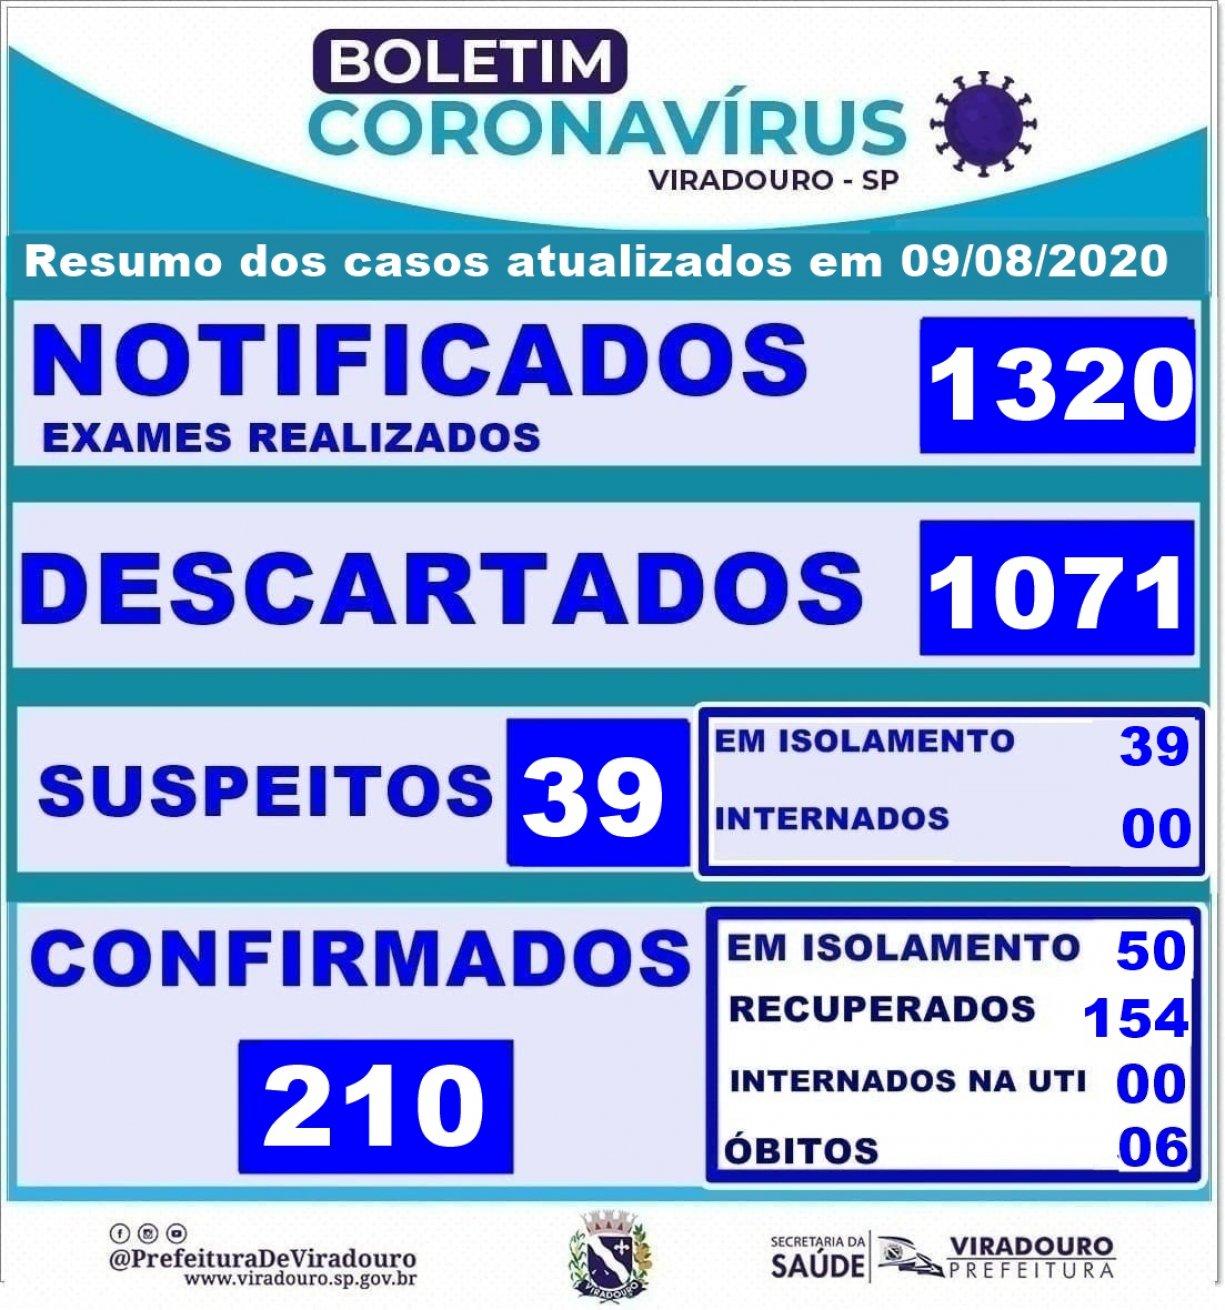 Boletim epidemiologico resumo dos casos atualizados em 09/082020